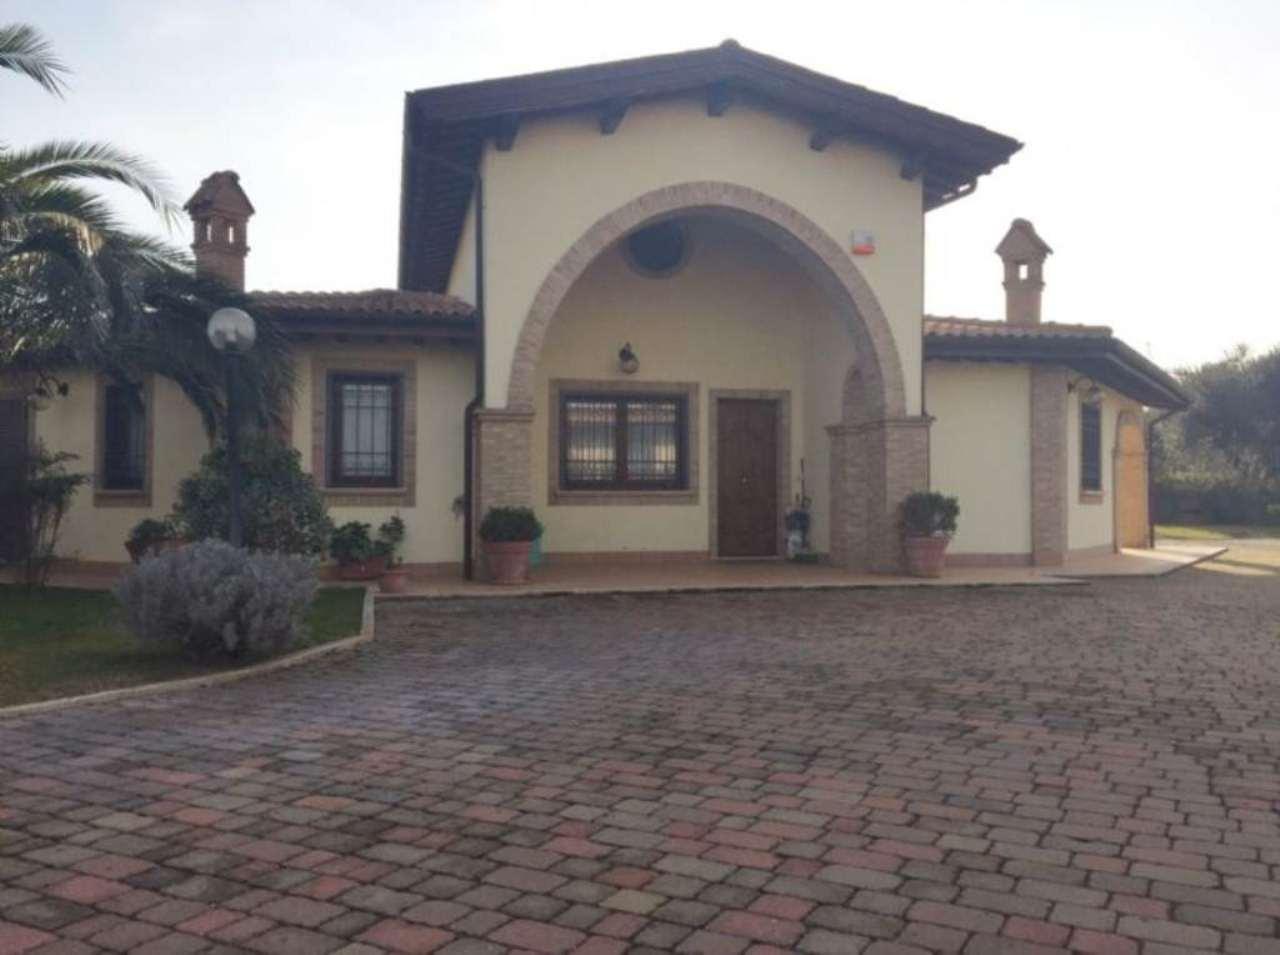 Villa Bifamiliare in vendita a Fiano Romano, 4 locali, prezzo € 285.000 | CambioCasa.it